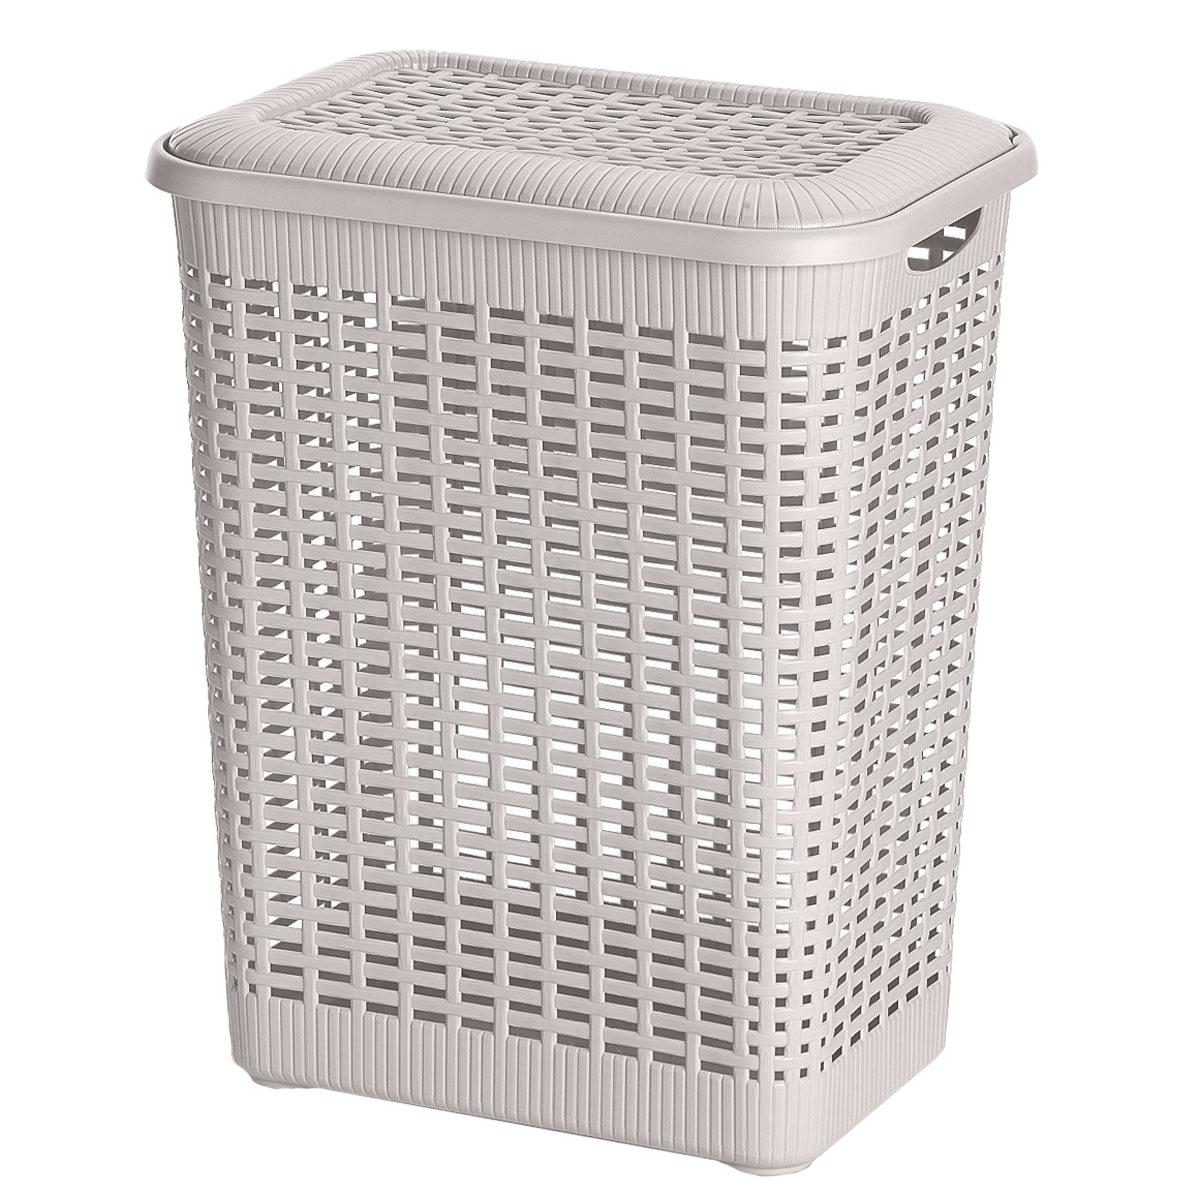 Корзина хозяйственная Gensini Rattan, цвет: молочный, 50 лRG-D31SПрямоугольная корзина Gensini Rattan изготовлена из прочного пластика. Она предназначена для хранения мелочей в ванной, на кухне, даче или гараже. Позволяет хранить мелкие вещи, исключая возможность их потери. Изделие оснащено съемной плотно закрывающейся крышкой. На стенках и крышке имеются отверстия в виде плетения. Дно сплошное. Сбоку имеются две ручки для удобной переноски.